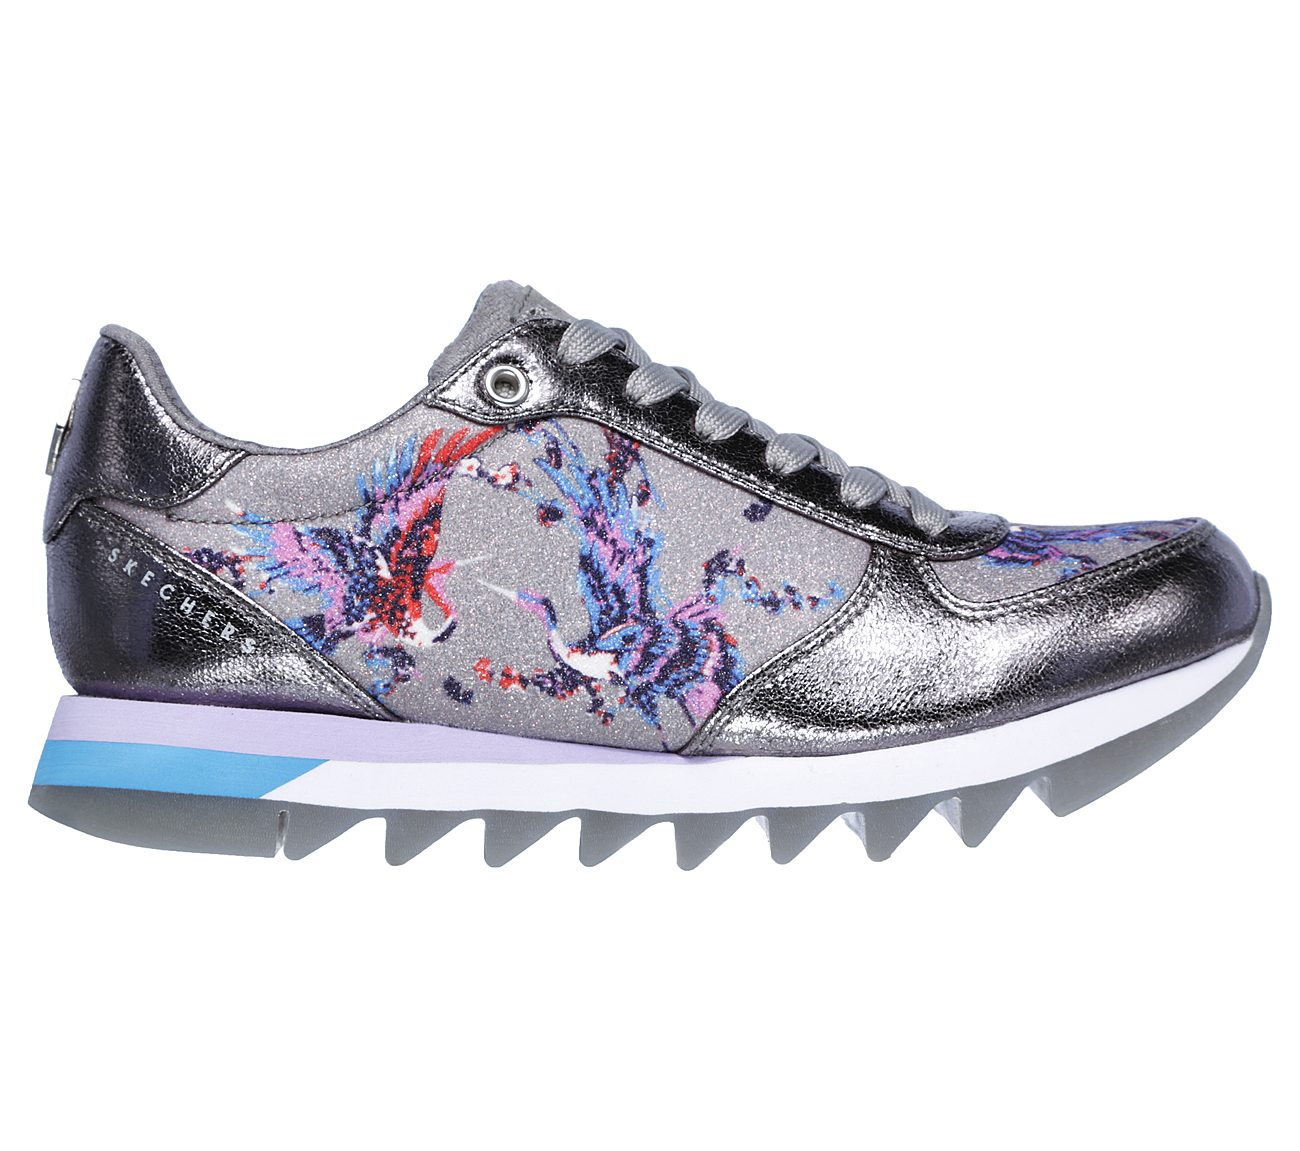 36cc464eec3e1 Buy SKECHERS Venus - Acid Crane Flex Appeal Shoes only $60.00